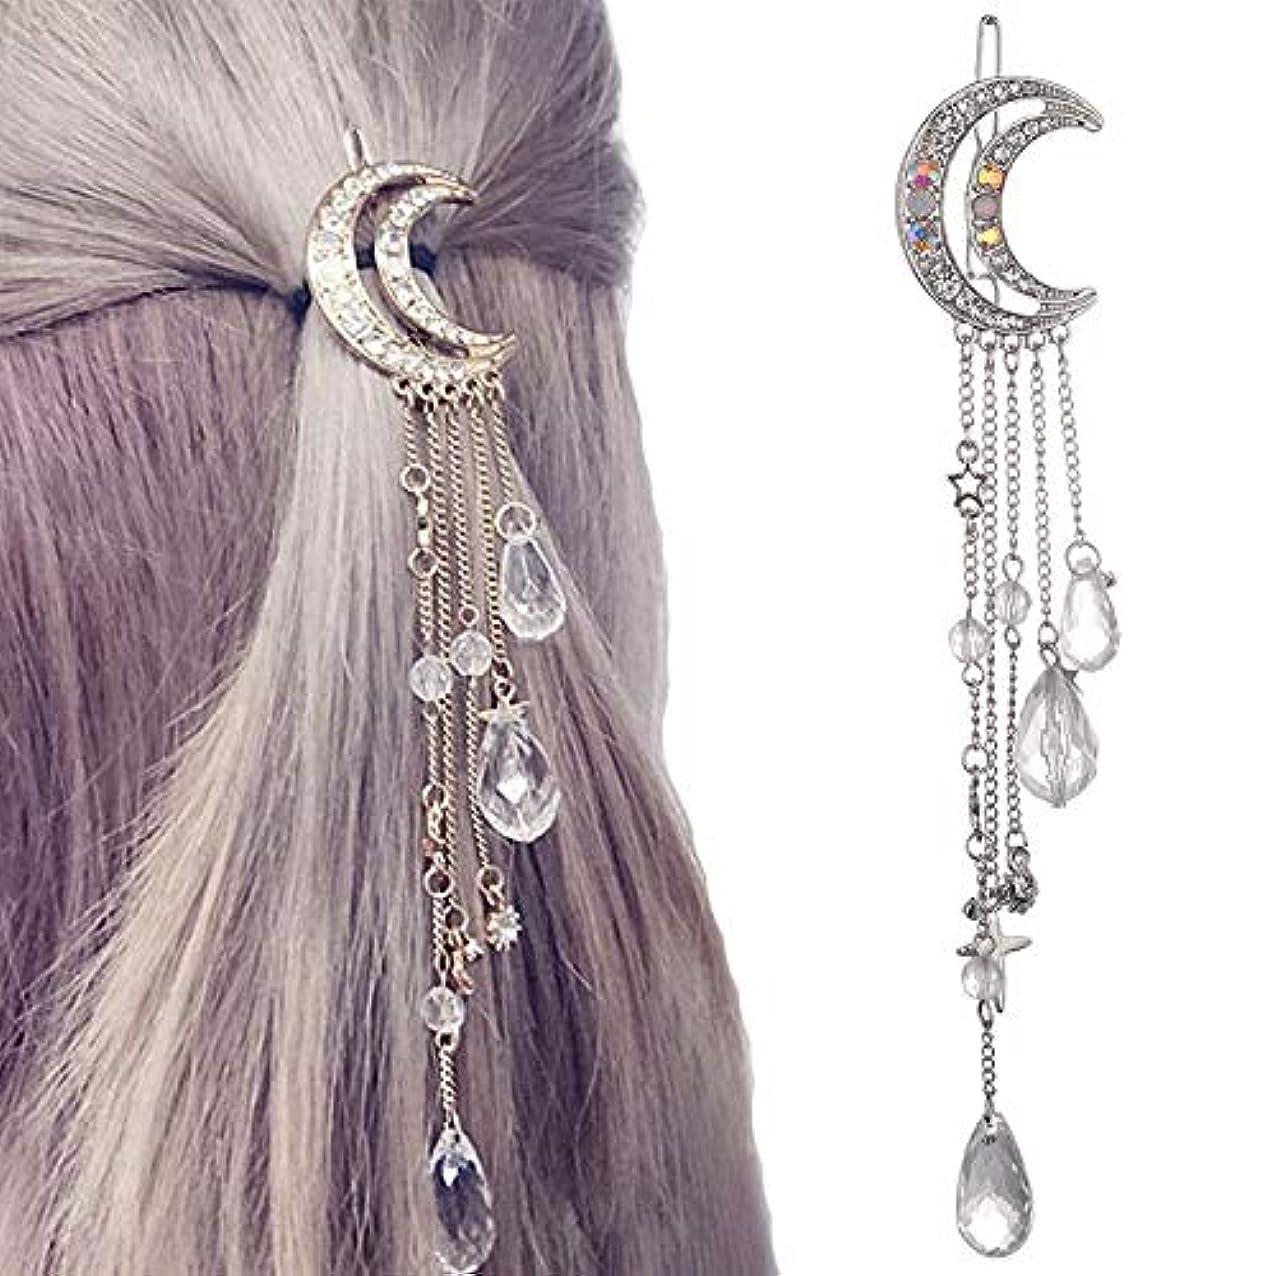 ハイキングに行く君主制状況Hairpinheair YHMファッションエレガントな女性レディムーンラインストーンクリスタルタッセルロングチェーンビーズブラブラヘアピンヘアクリップヘアジュエリー(ゴールド) (色 : Silver)